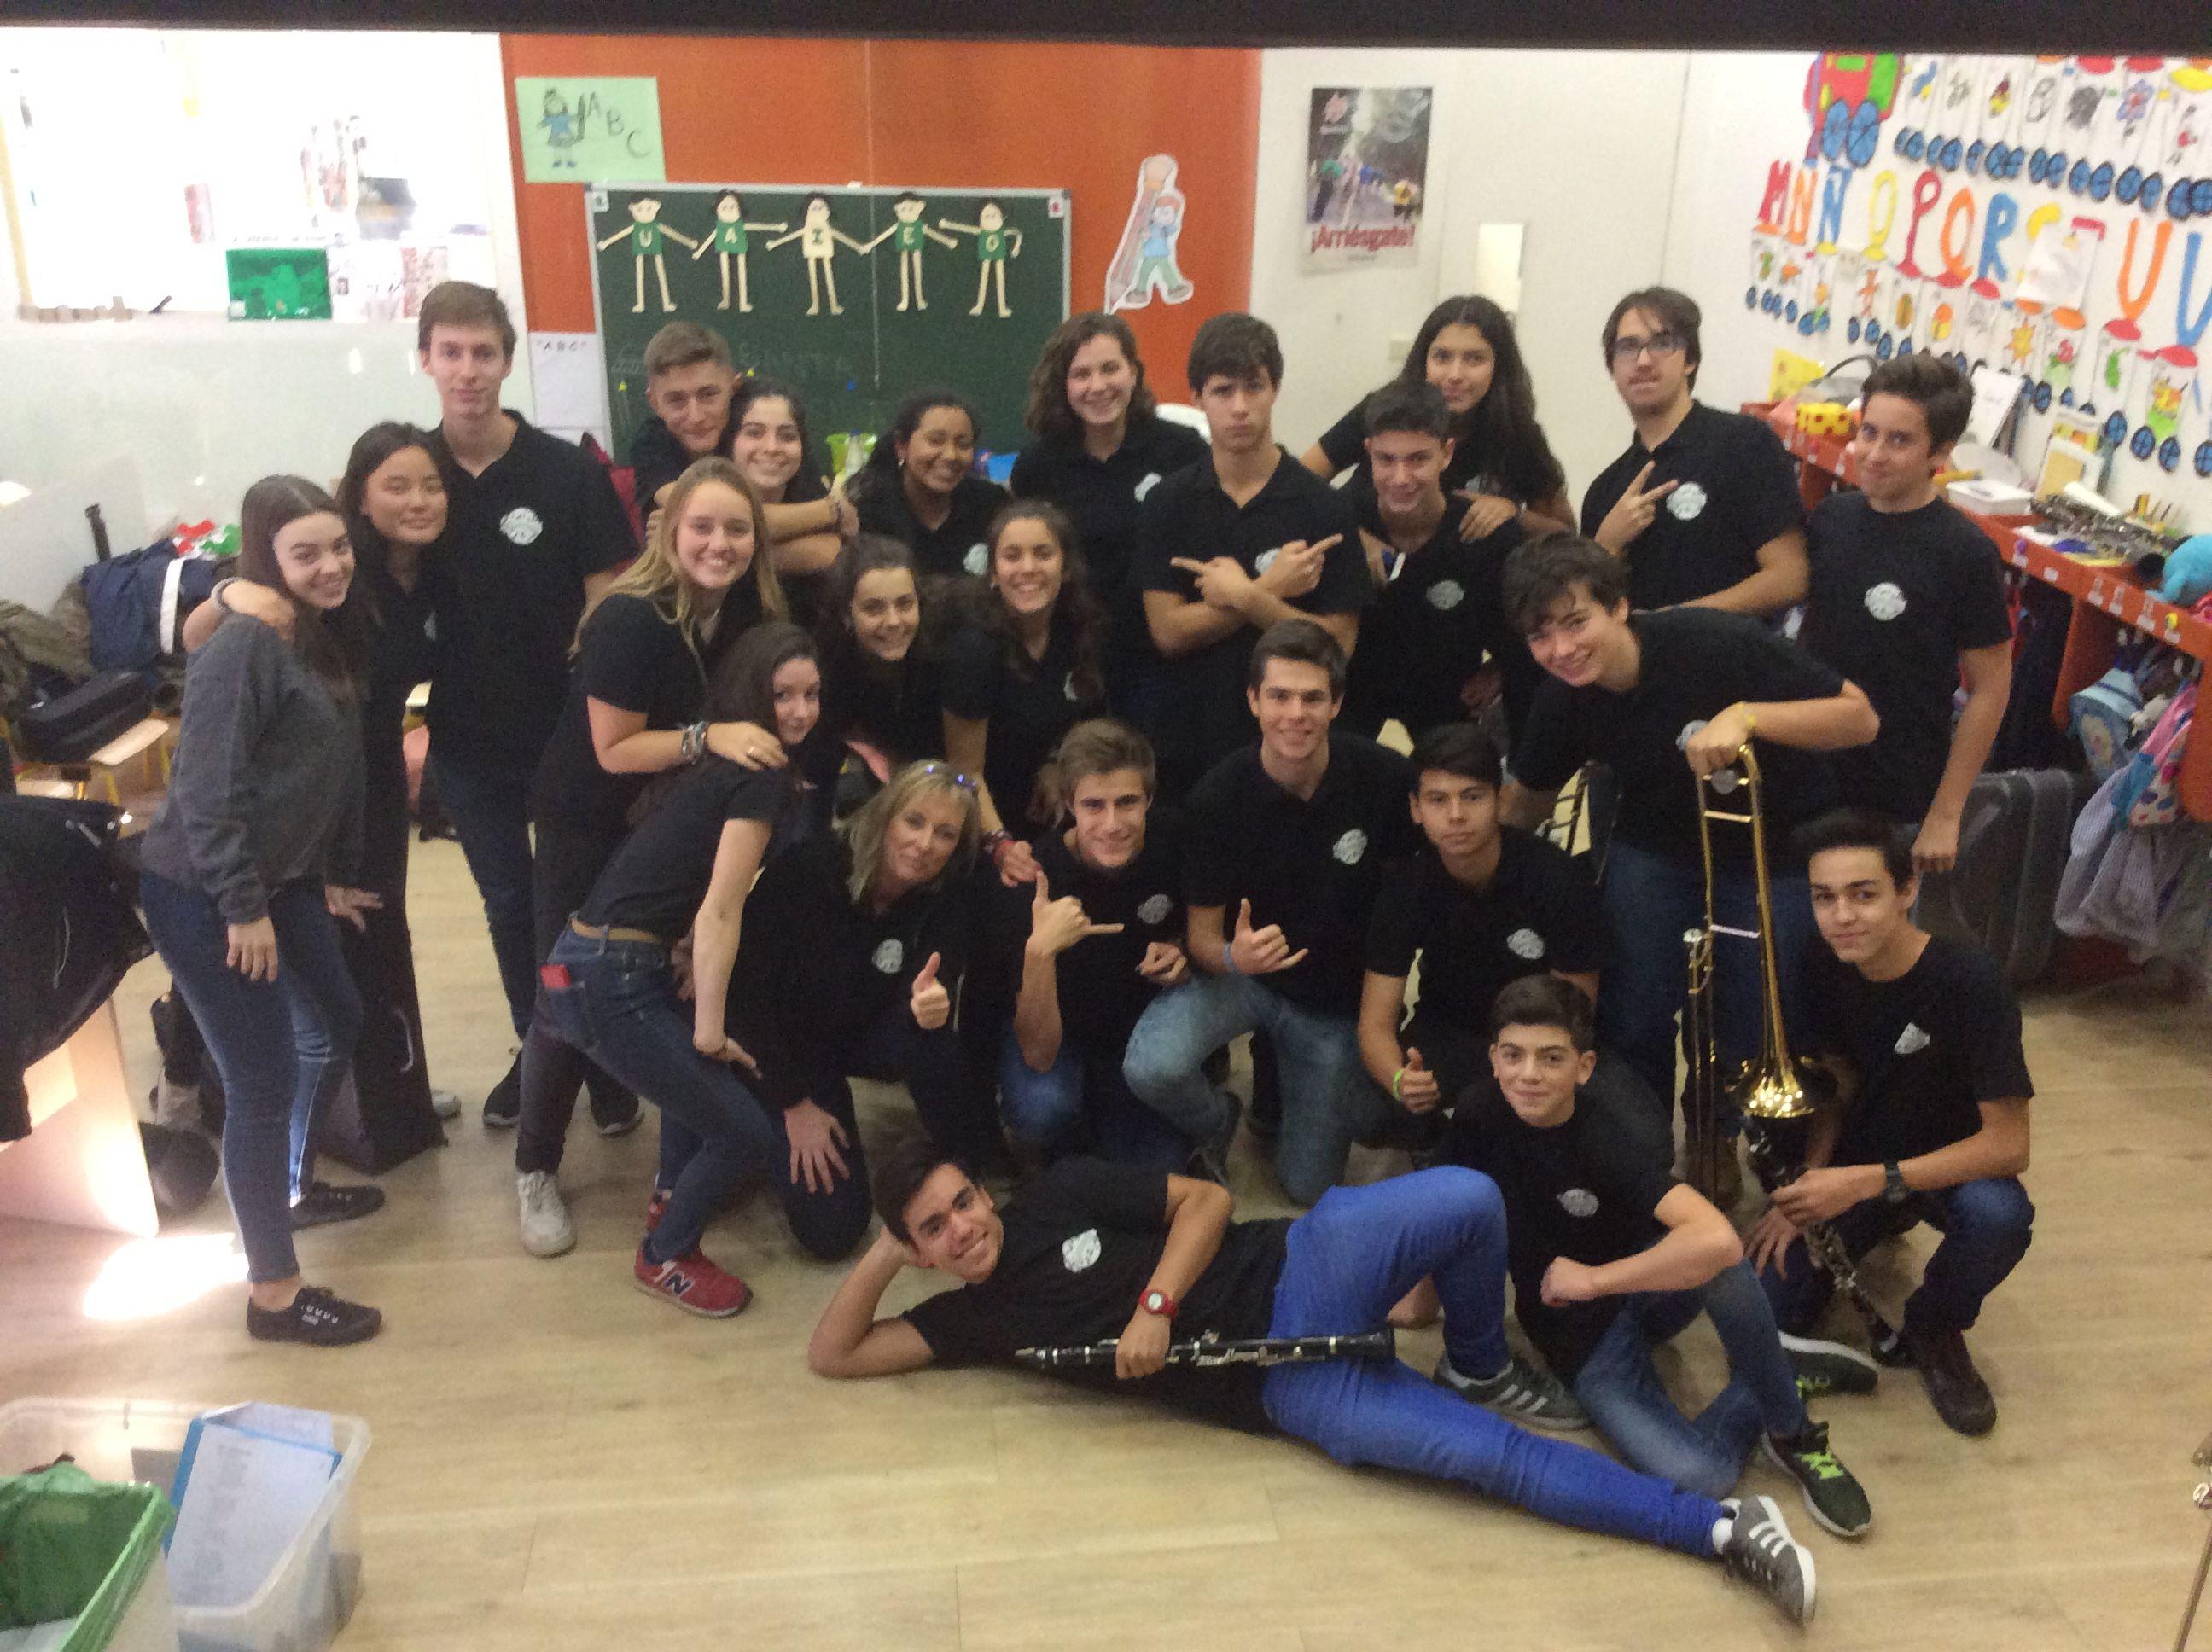 Celebrando Santa Cecilia con la classband.